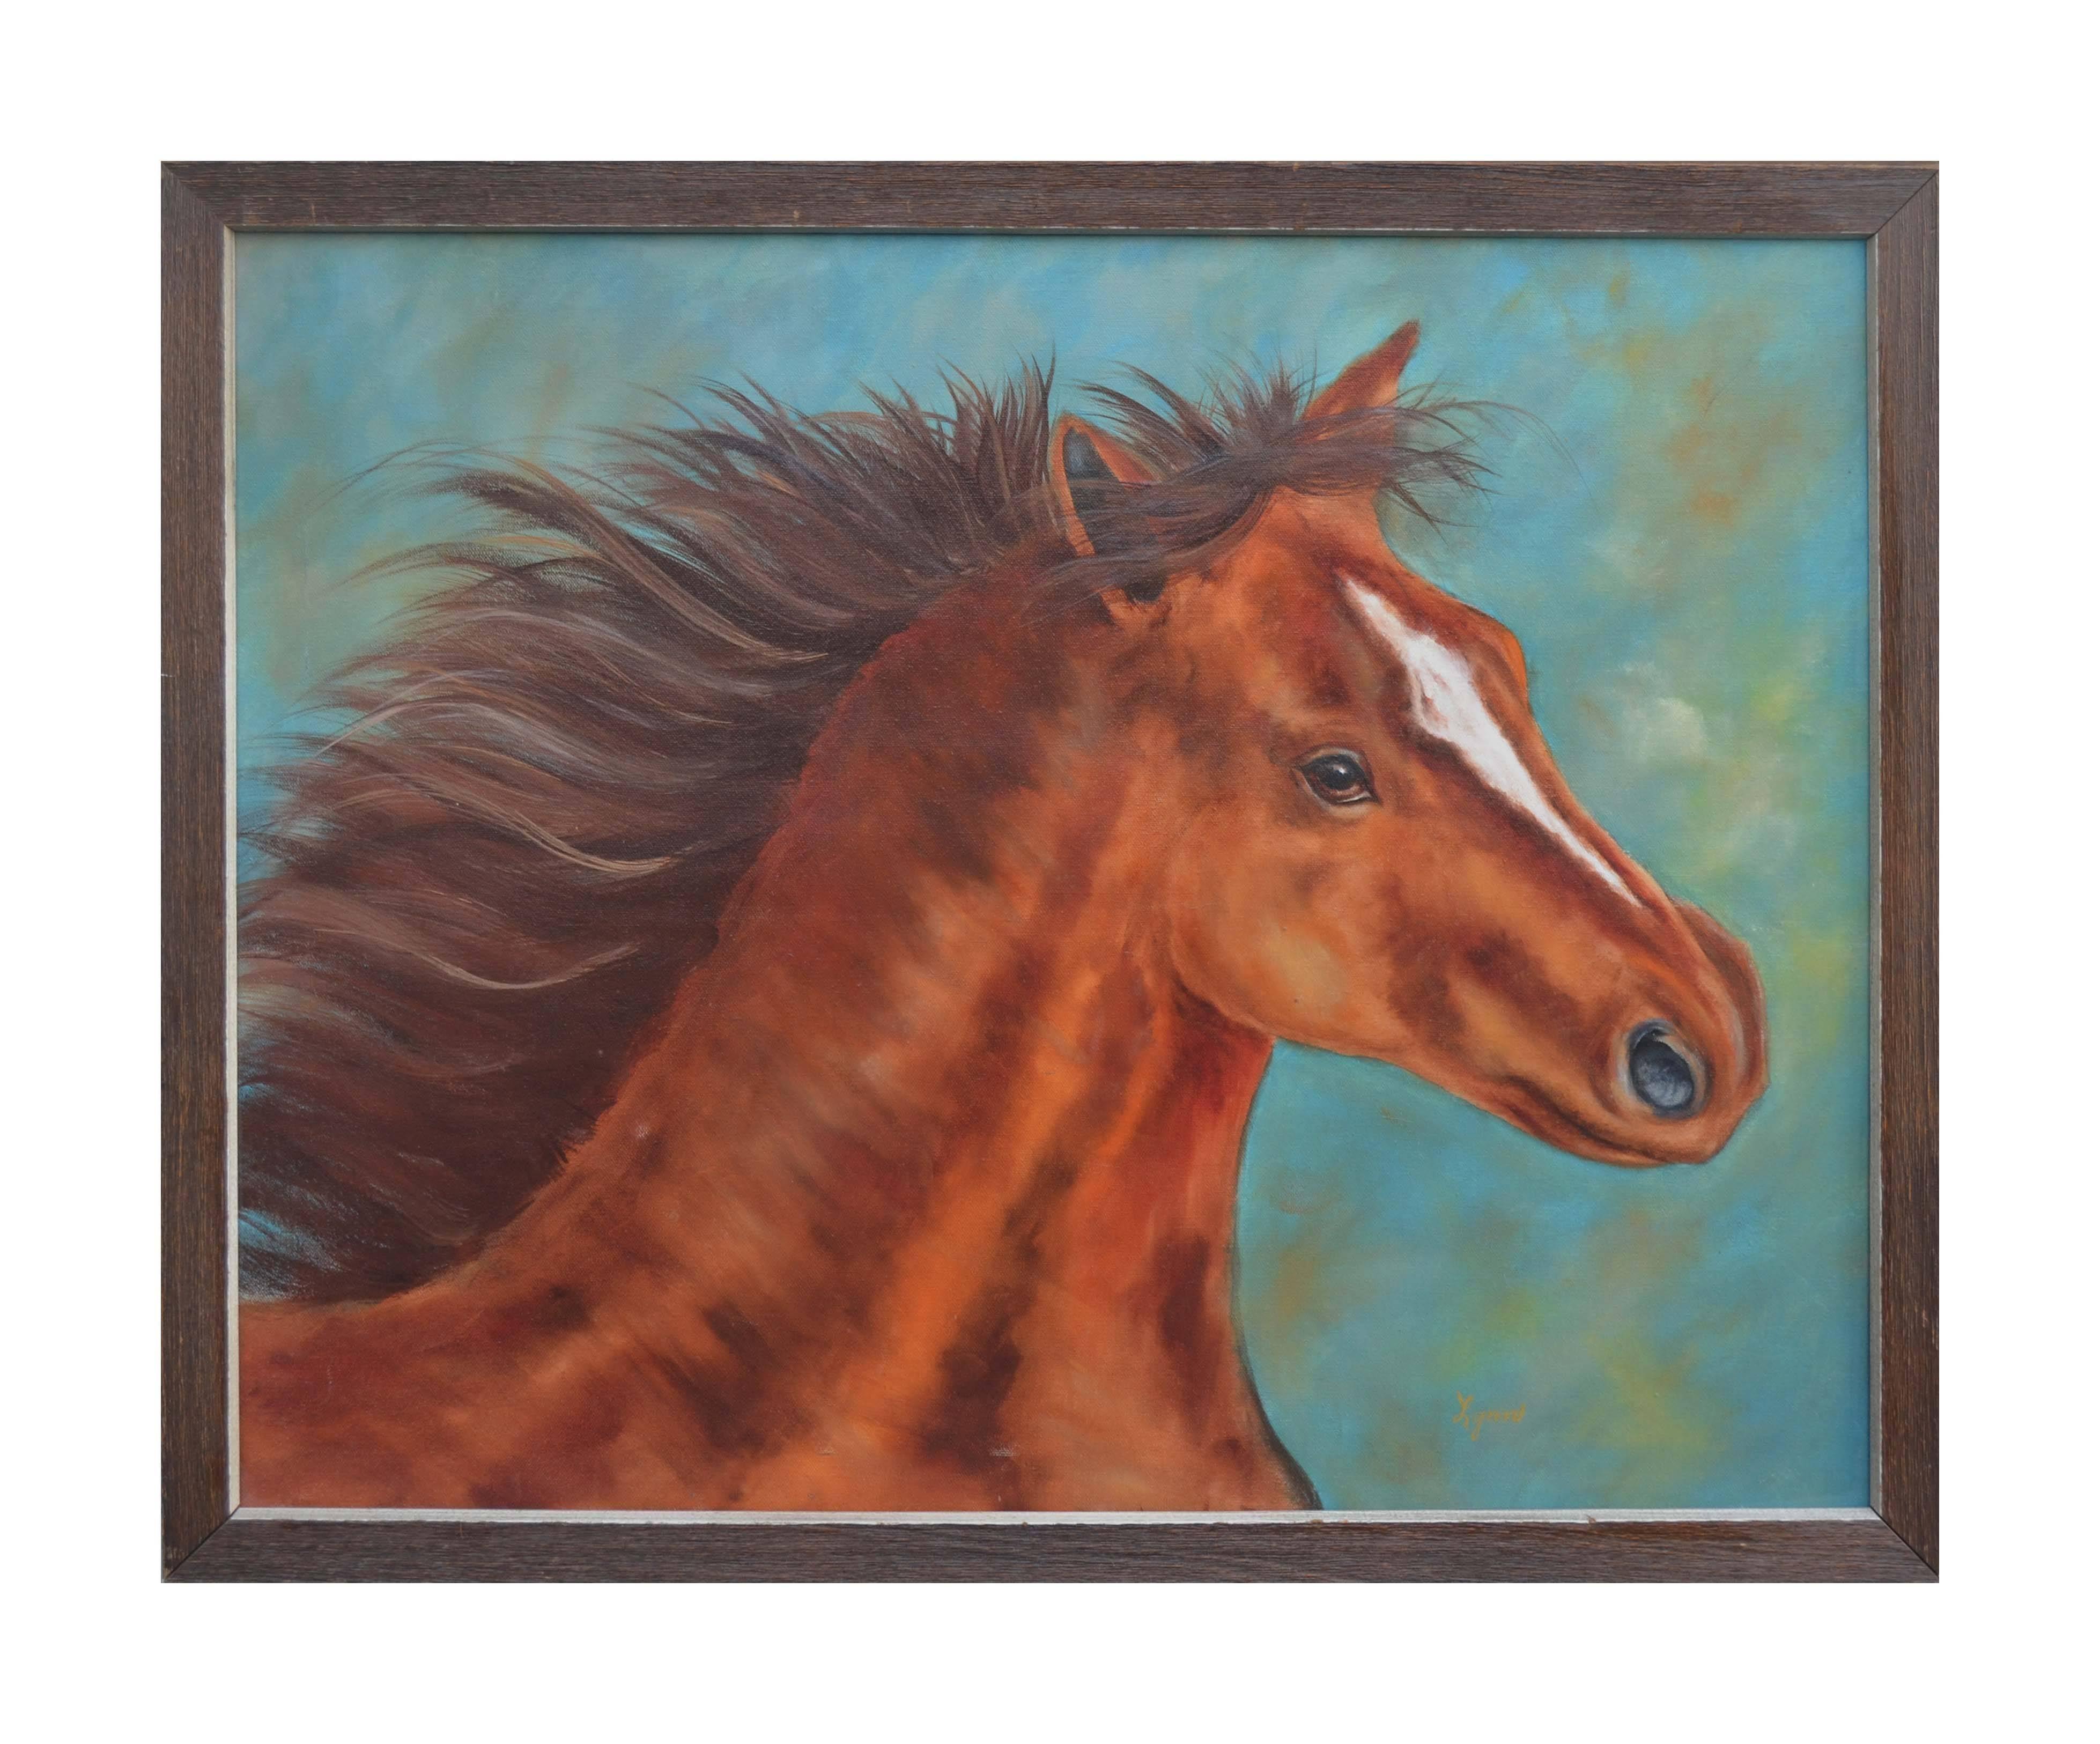 Future Champion Foal